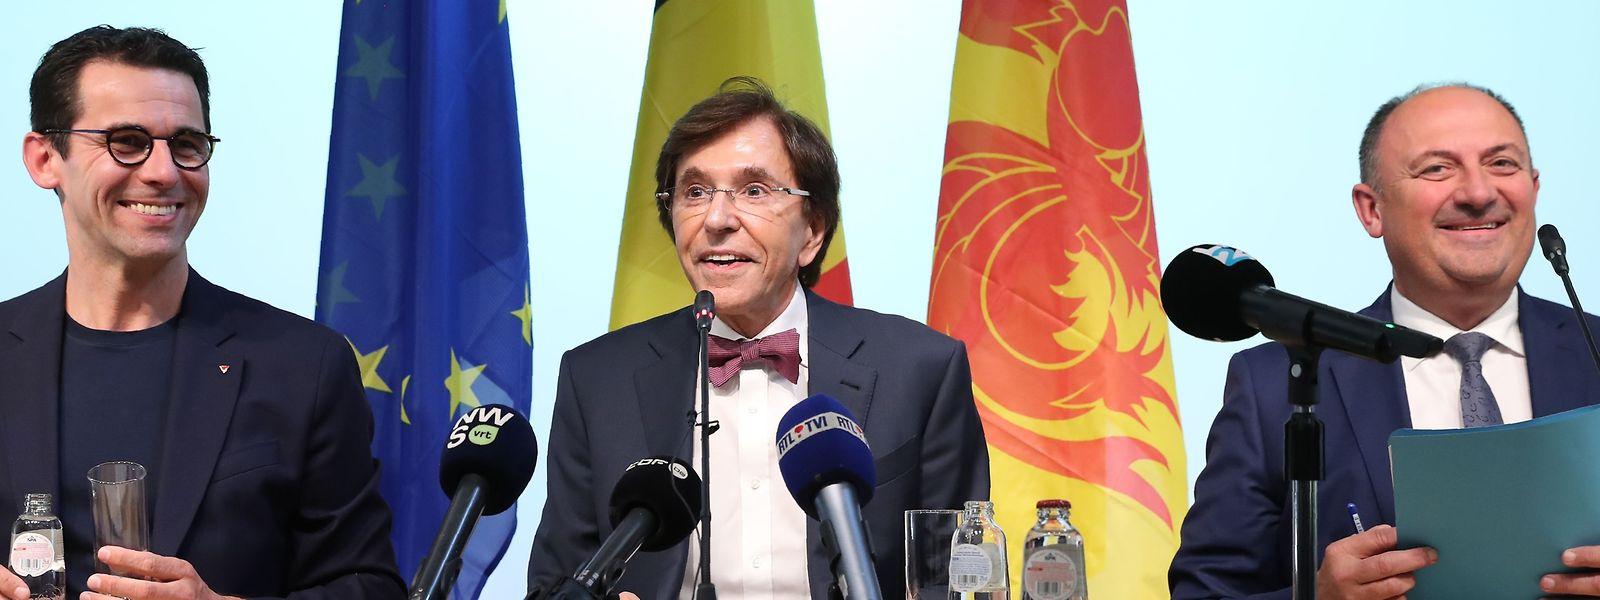 Jean-Marc Nollet (Ecolo), Elio Di Rupo (PS) et Willy Borsus (MR) ont dévoilé les grandes lignes de leur accord.